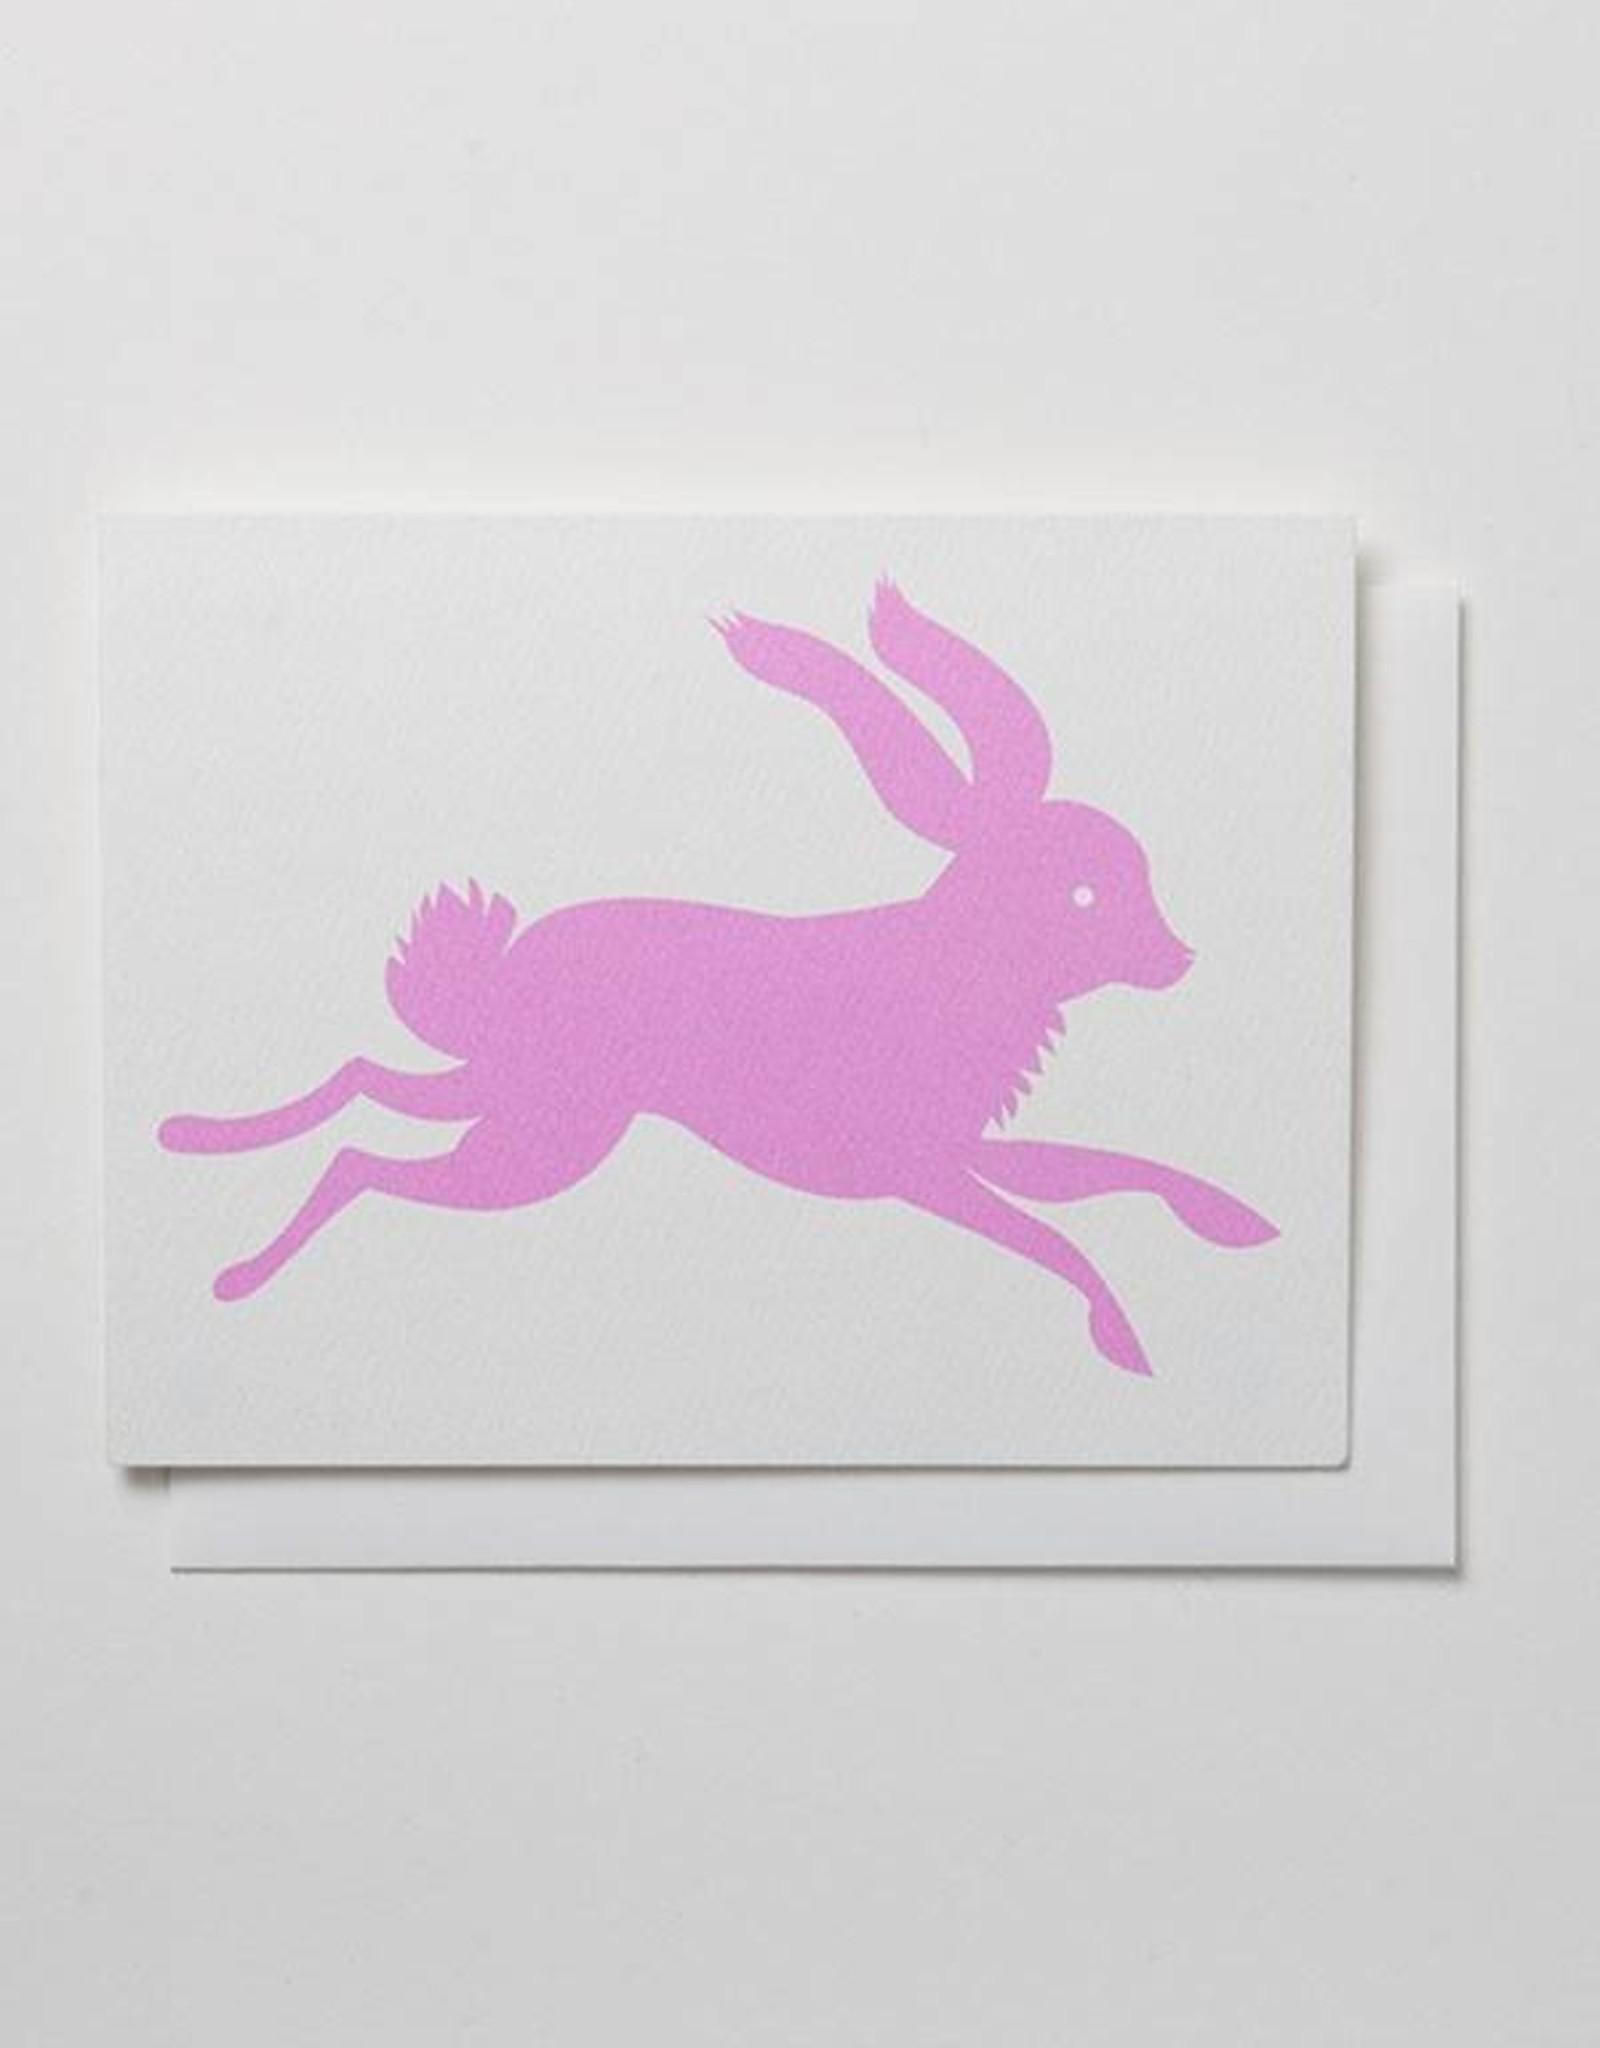 Banquet Atelier & Workshop Pink Rabbit - Note Card